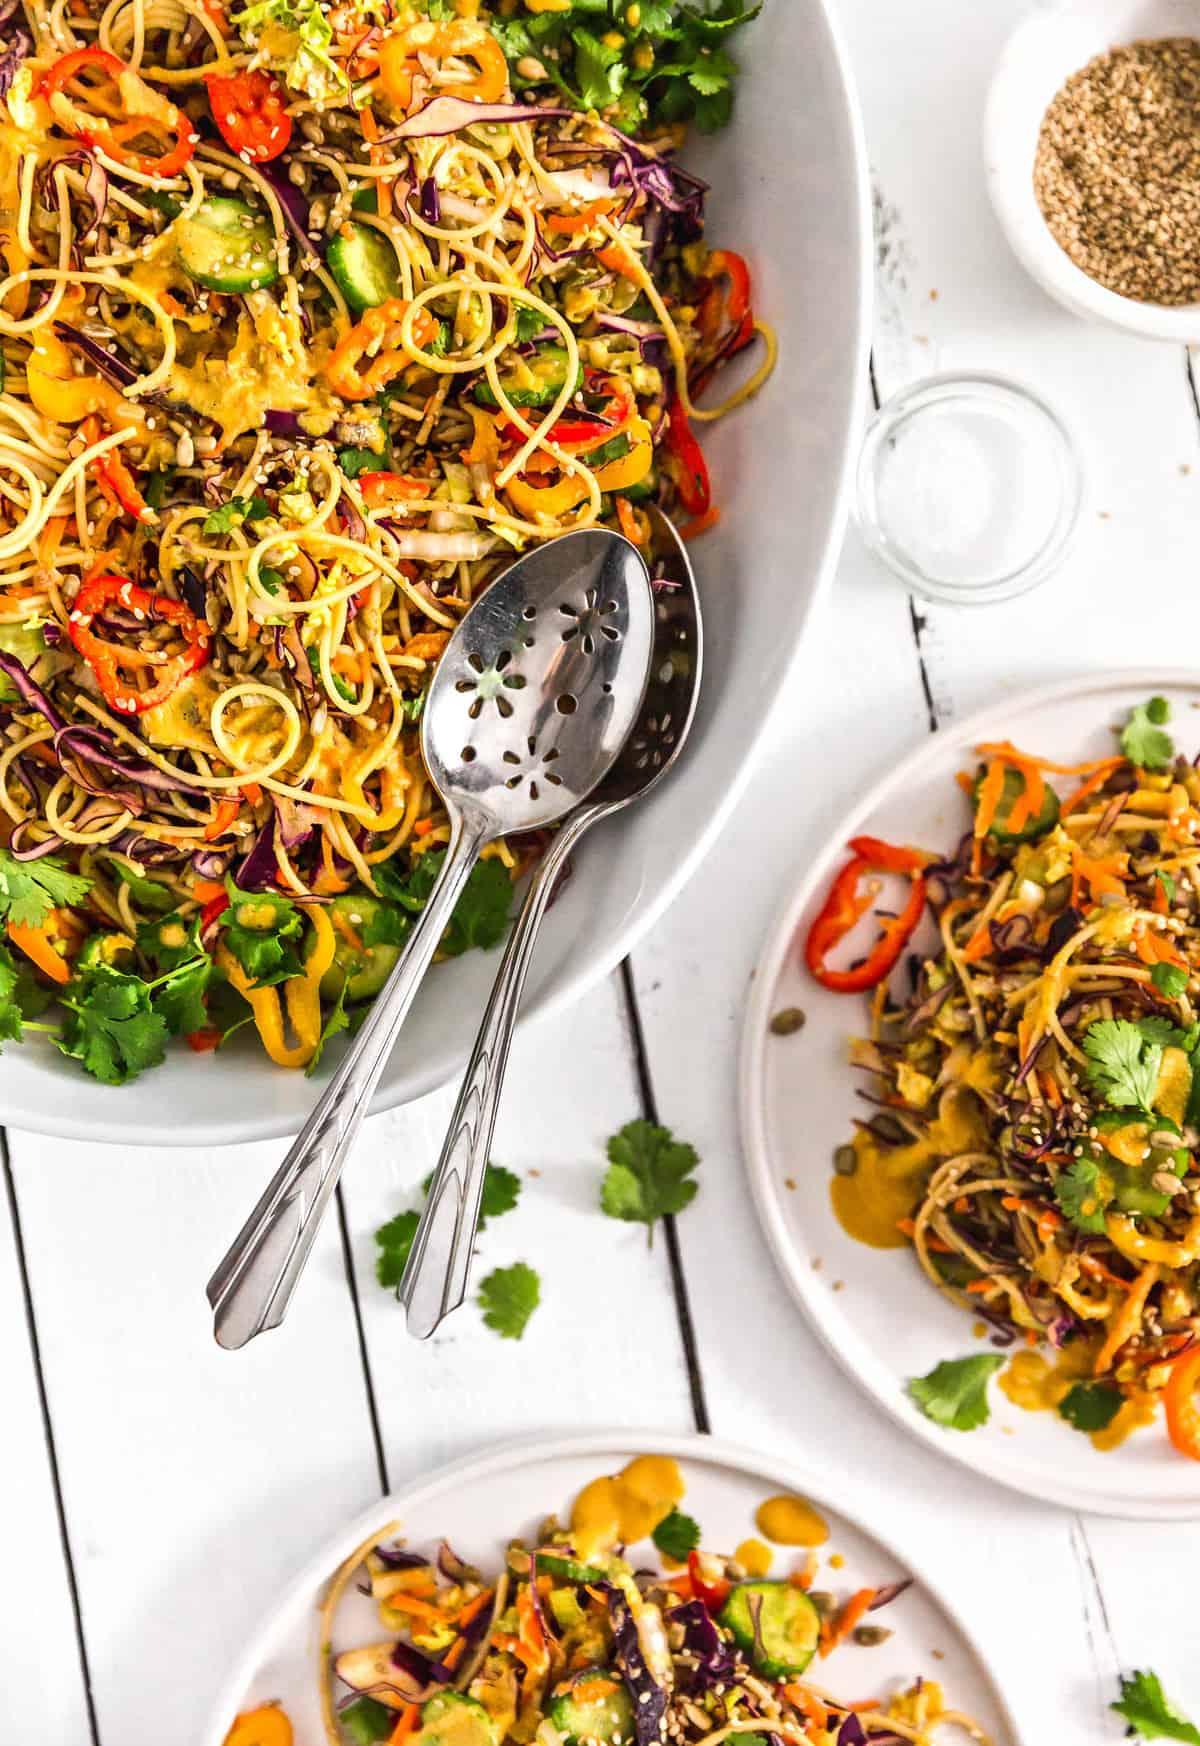 Asian noodle salad monkey and me kitchen adventures asian noodle salad noodle salad plant based vegan vegetarian whole food forumfinder Images